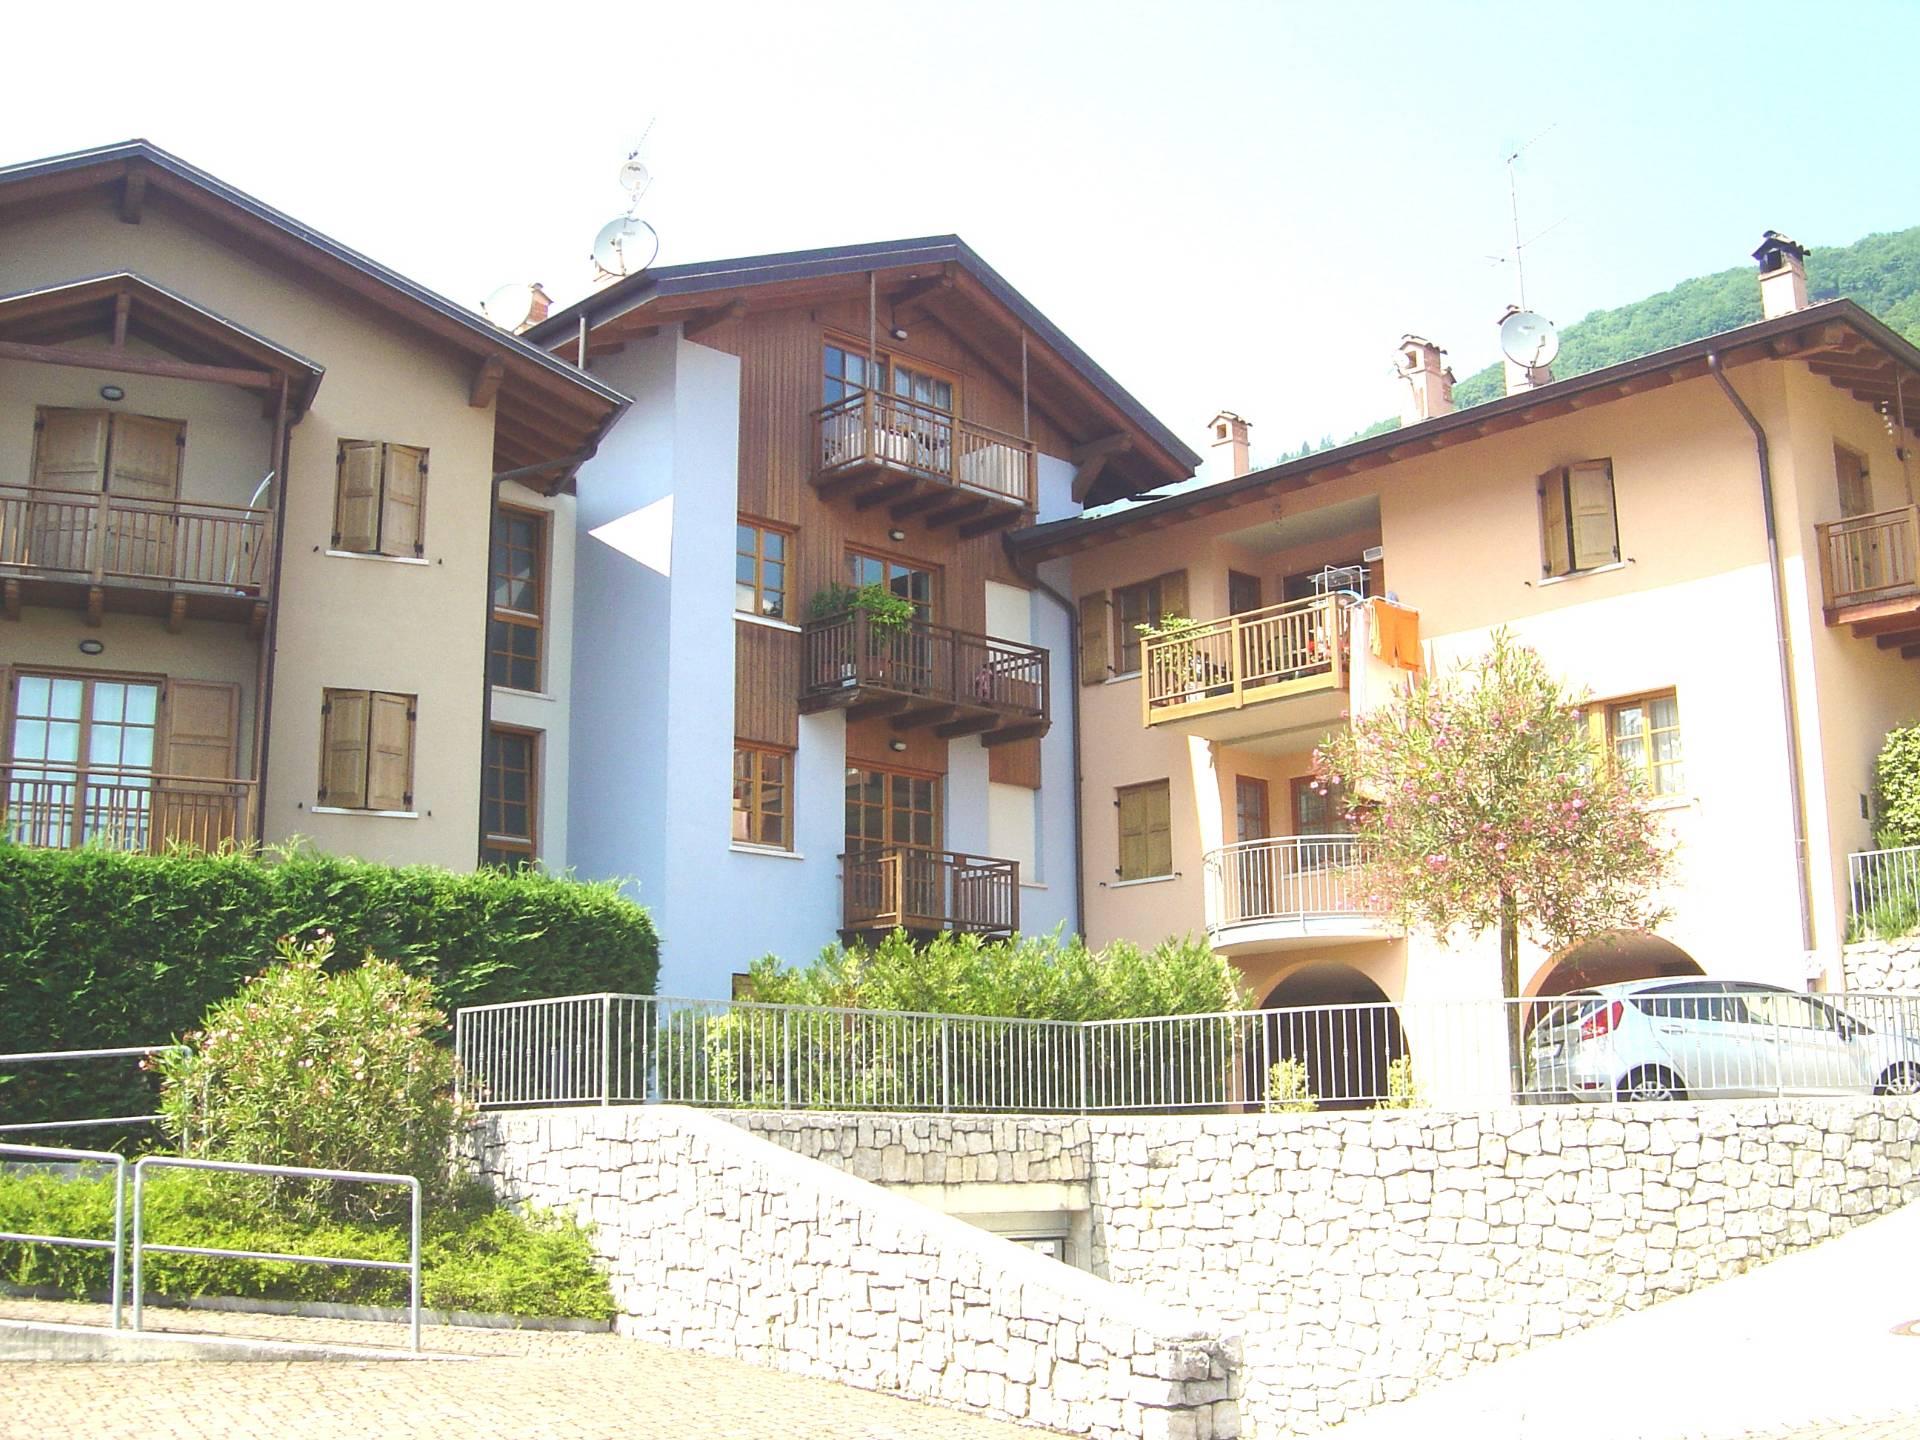 Appartamento in vendita a Tenno, 2 locali, zona Zona: Tenno, prezzo € 118.000 | CambioCasa.it